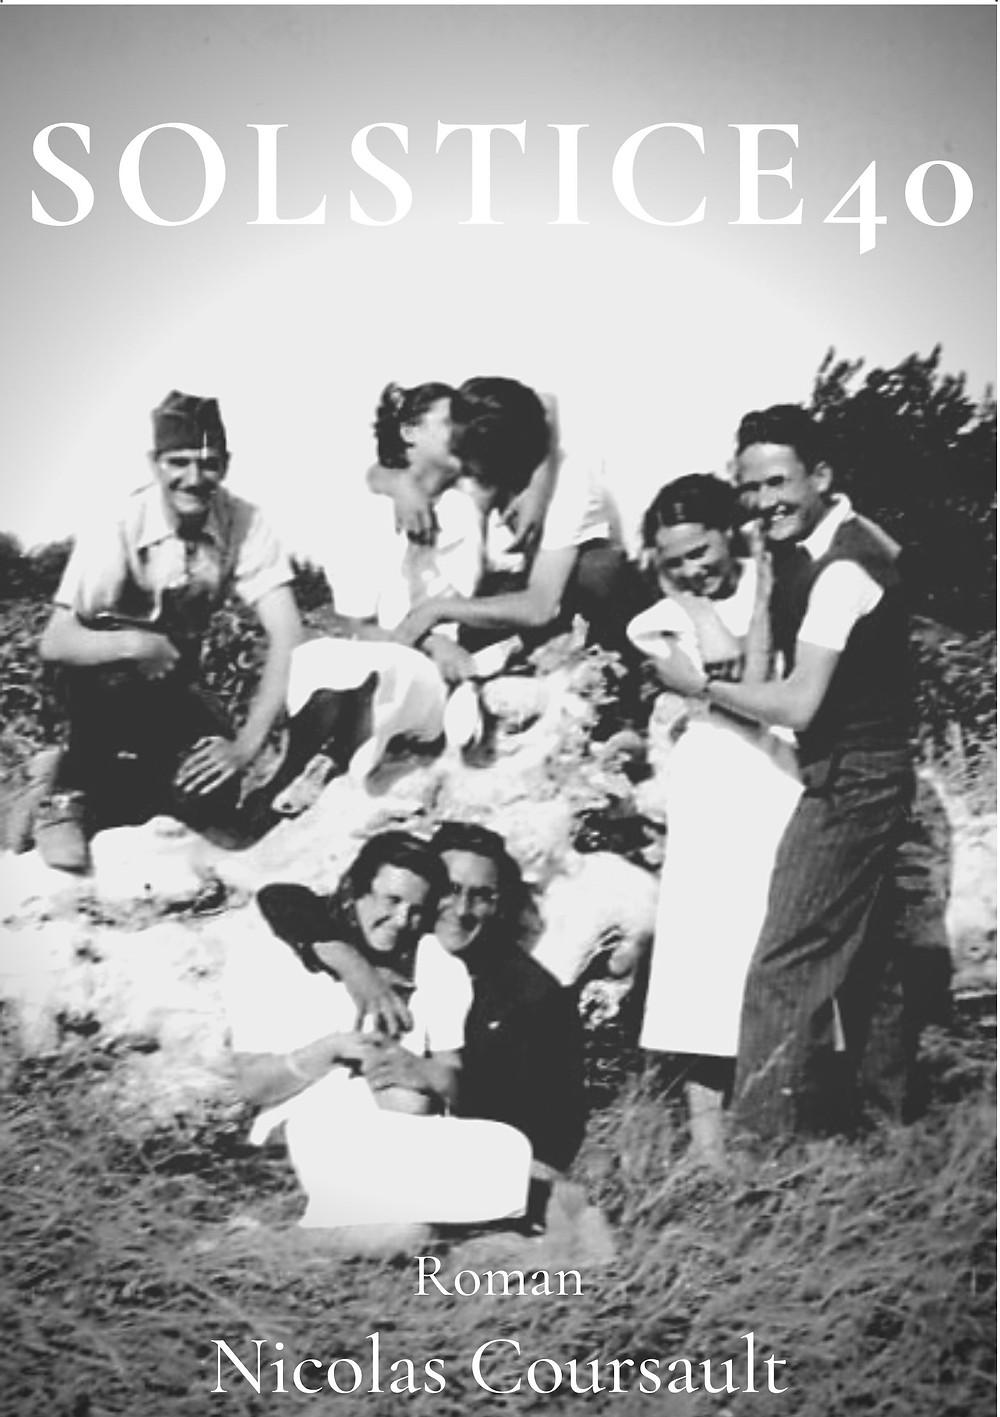 Roman sur les prisonniers de guerre et les immigrés italiens